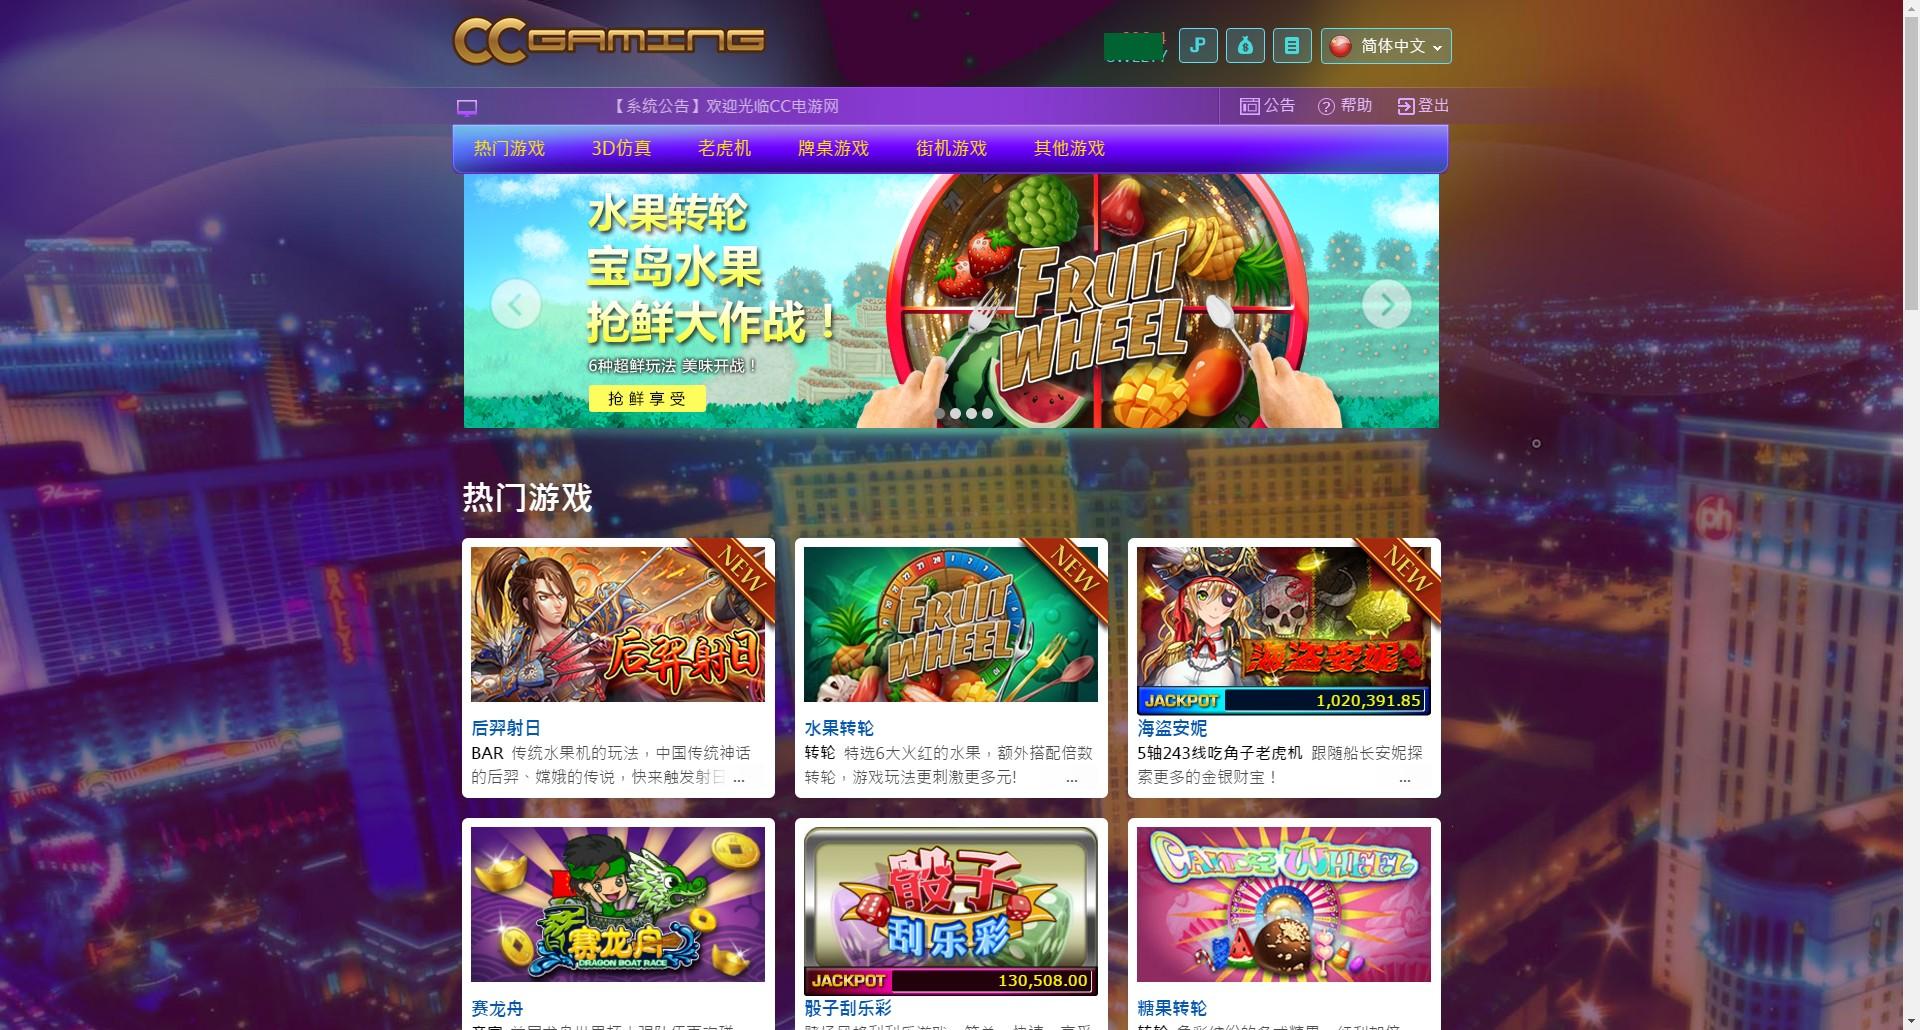 'CC宝'电子游戏